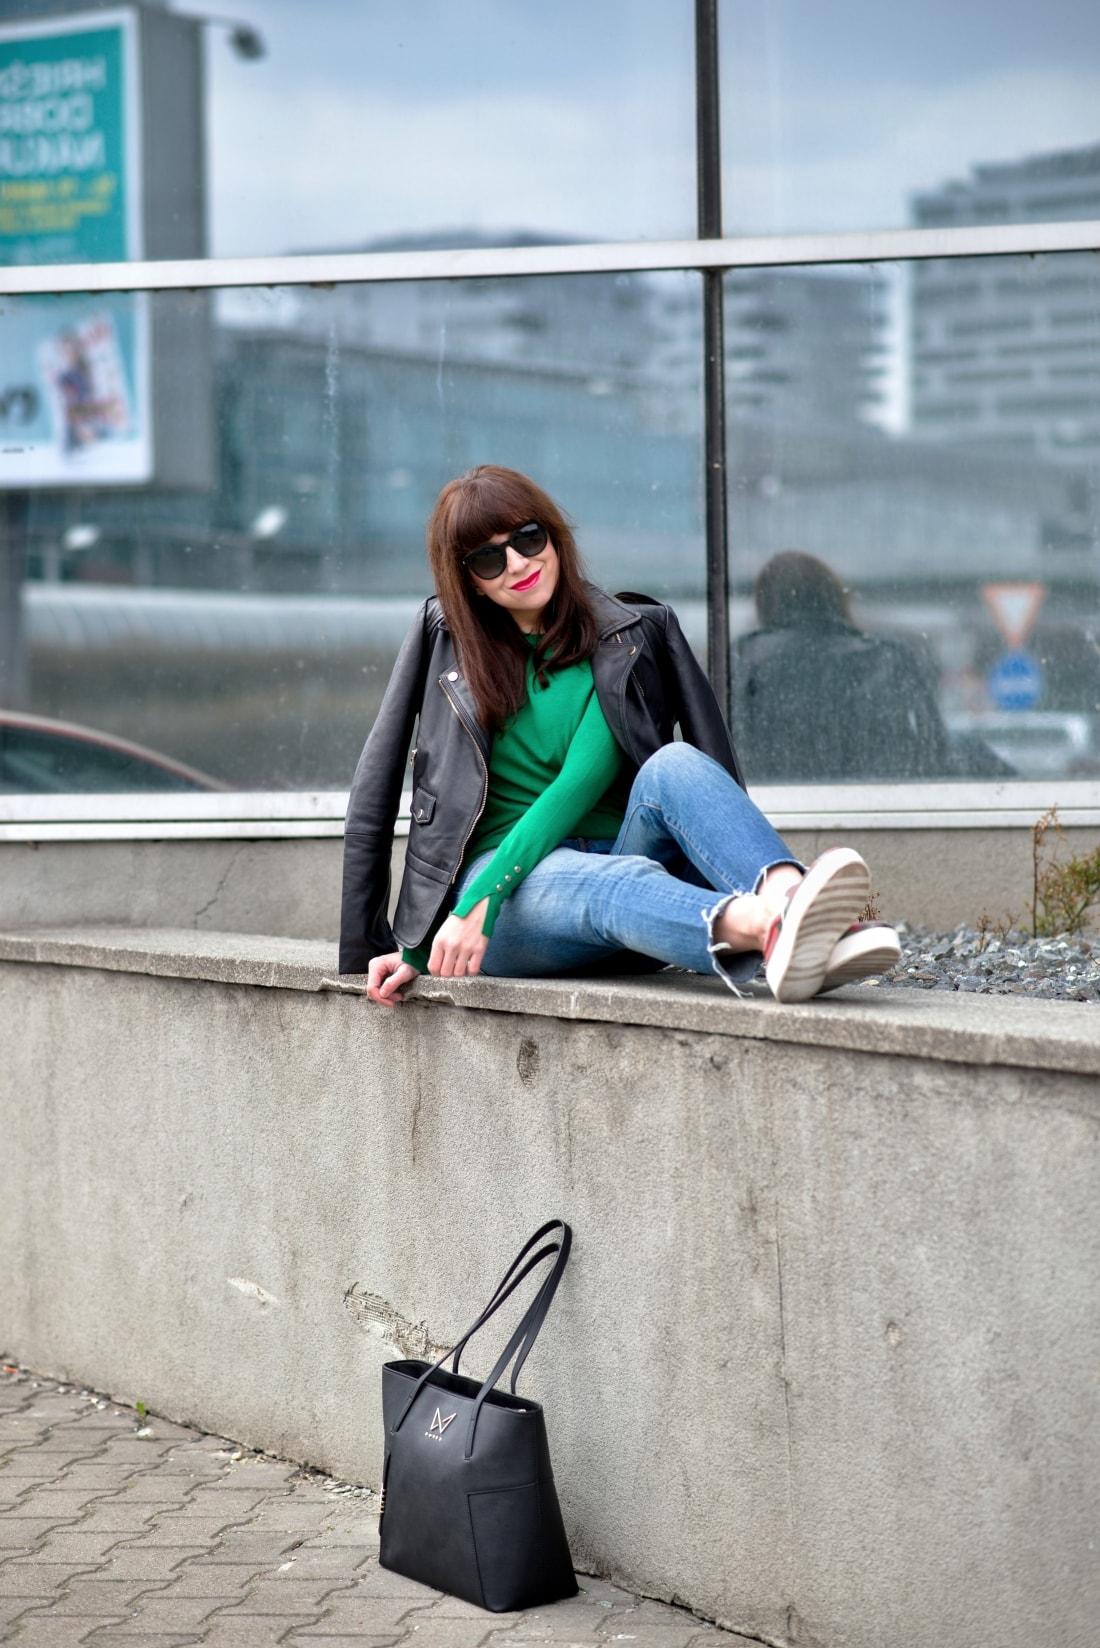 Kabelka NOIRE (29777)_Katharine-fashion is beautiful_Blog 6_Čierna kabelka Noire_Kožená bunda Mango_Džínsy Levis_Katarína Jakubčová_Fashion blogger